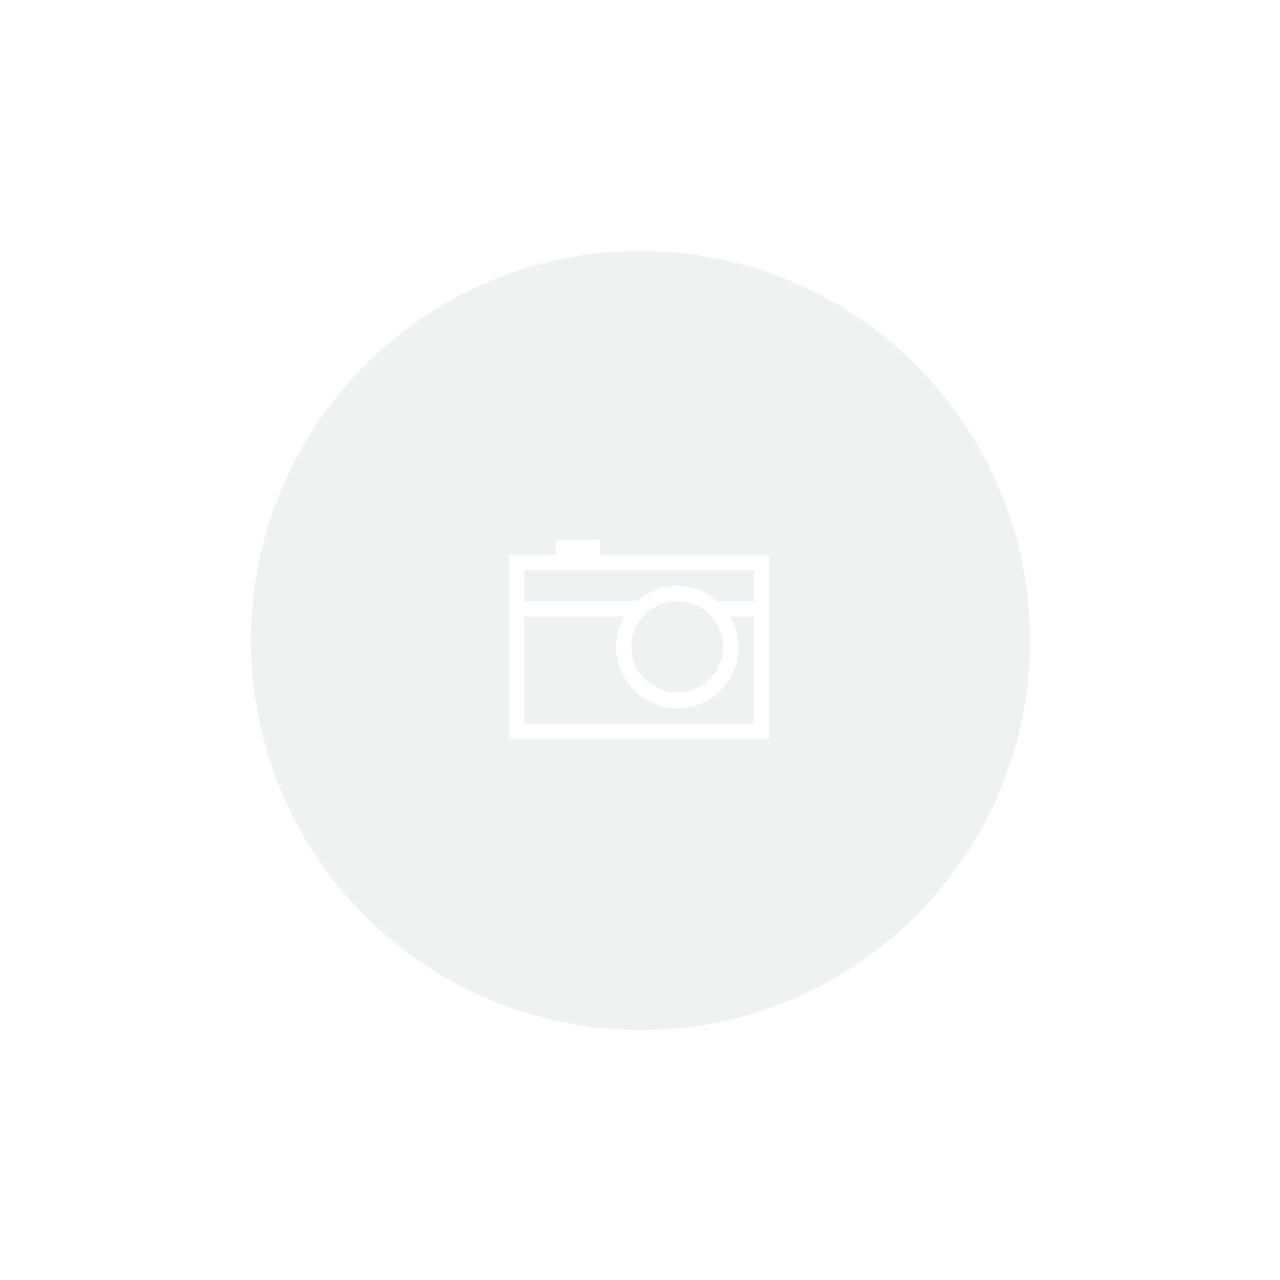 PNEU 29X2.10 CHAOYANG VICTORY H-5129 SKINWALL BANDA LEVE